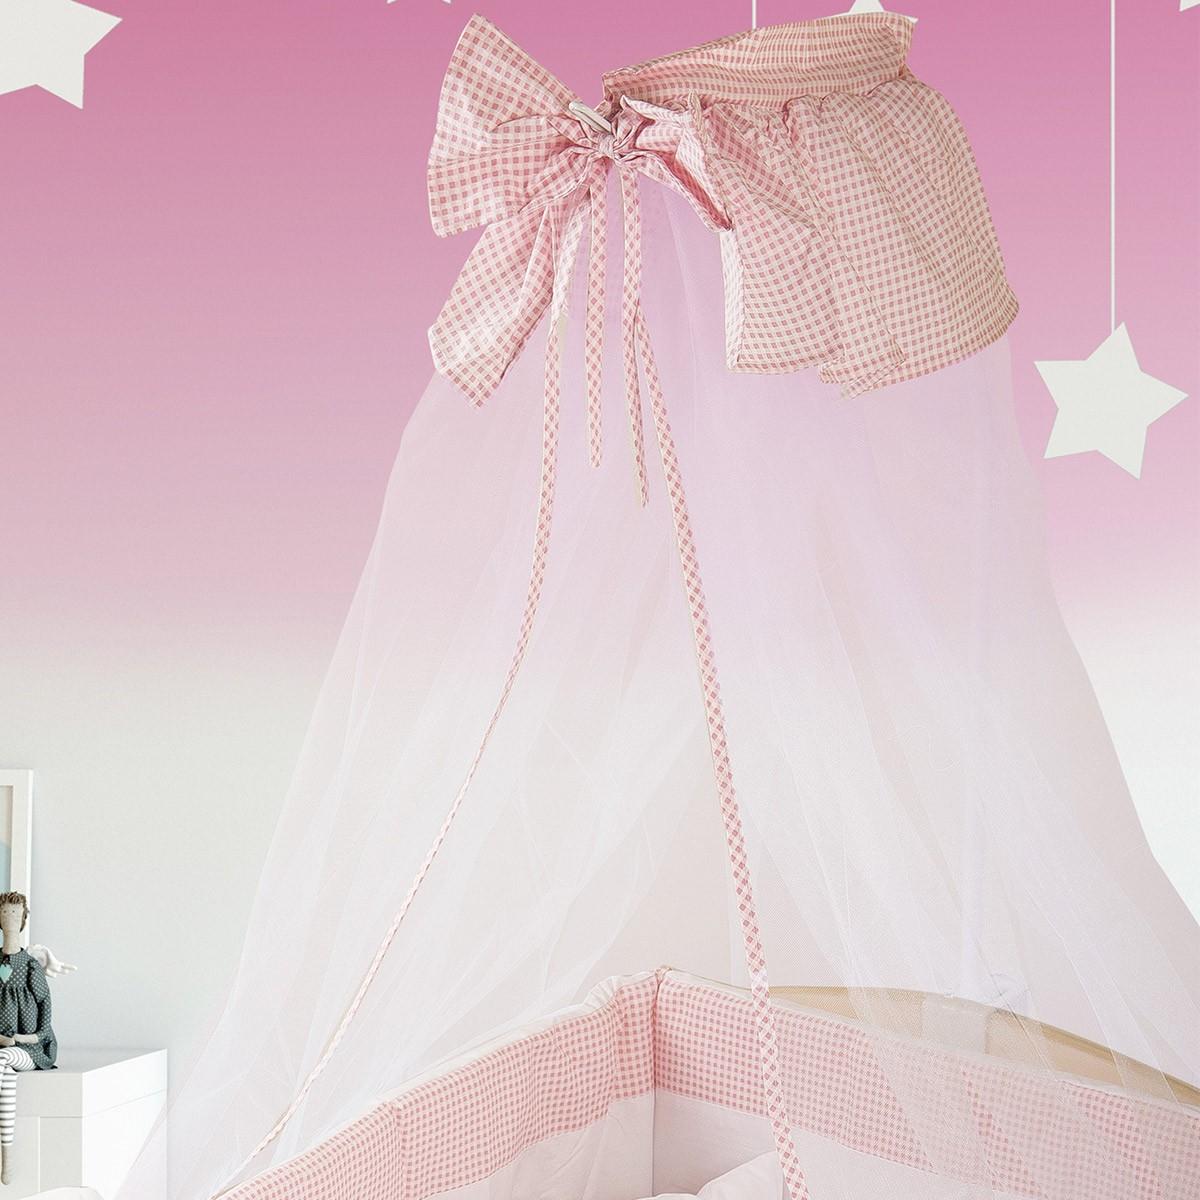 Κουνουπιέρα Κούνιας Dim Collection Ροζ